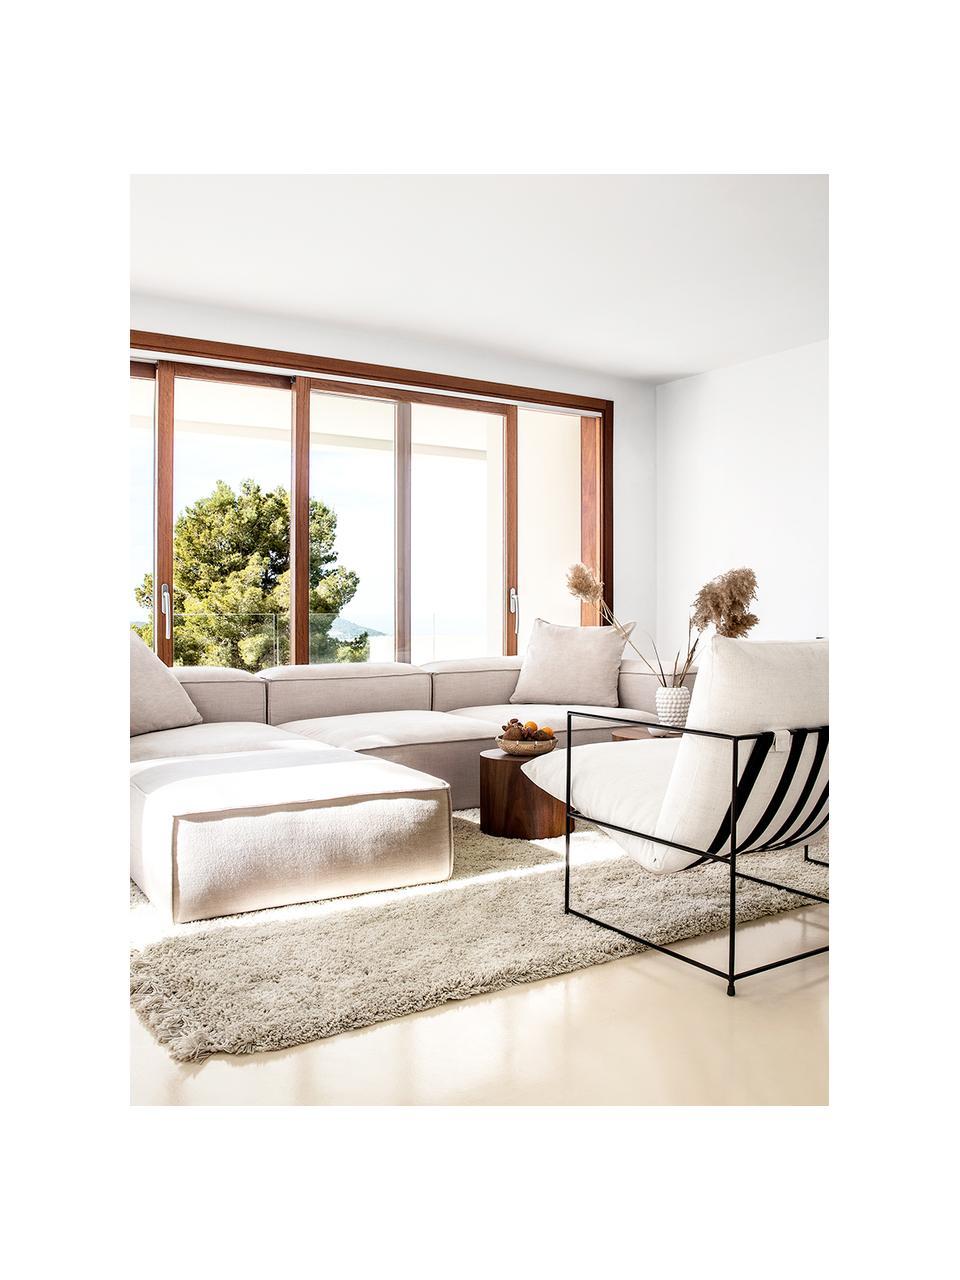 Zacht hoogpolig vloerkleed Dreamy met franjes, Bovenzijde: 100% polyester, Onderzijde: 100% katoen, Crèmekleurig, B 200 x L 300 cm (maat L)